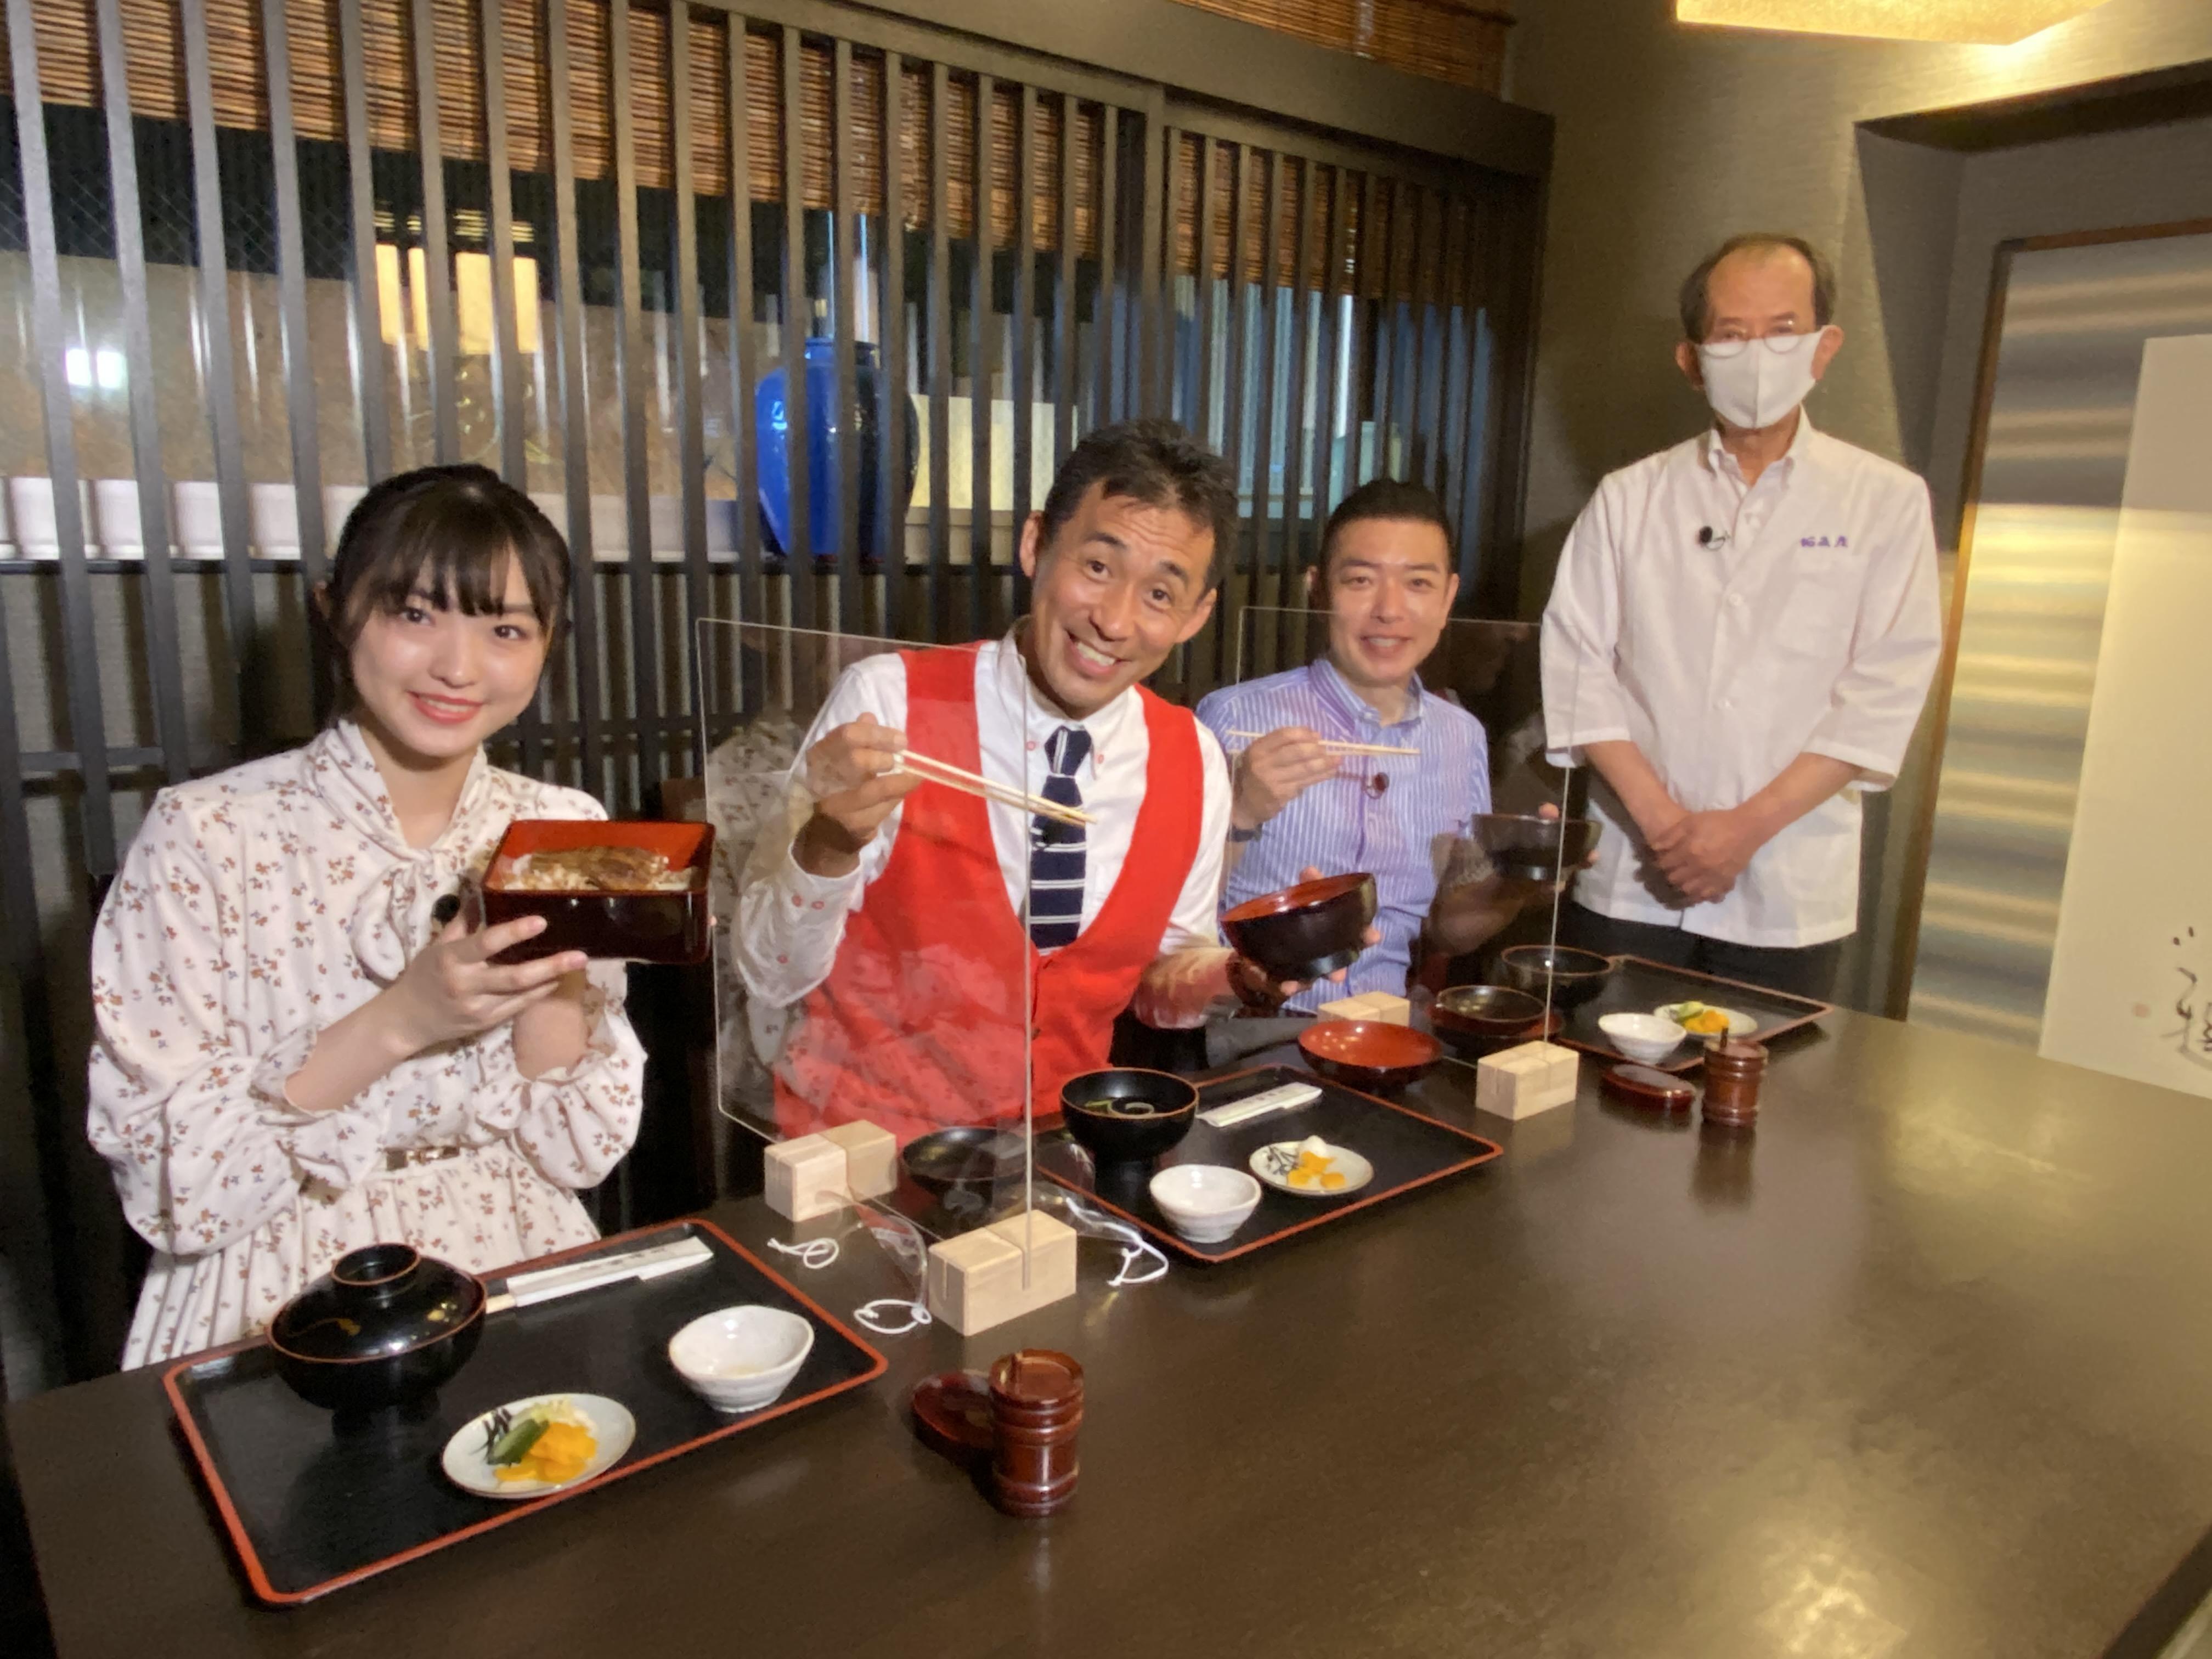 北浜エリアの飲食店事情の秘密を大公開! 『おでかけ発見バラエティ かがくdeムチャミタス!』に出演させていただきます!@テレビ大阪